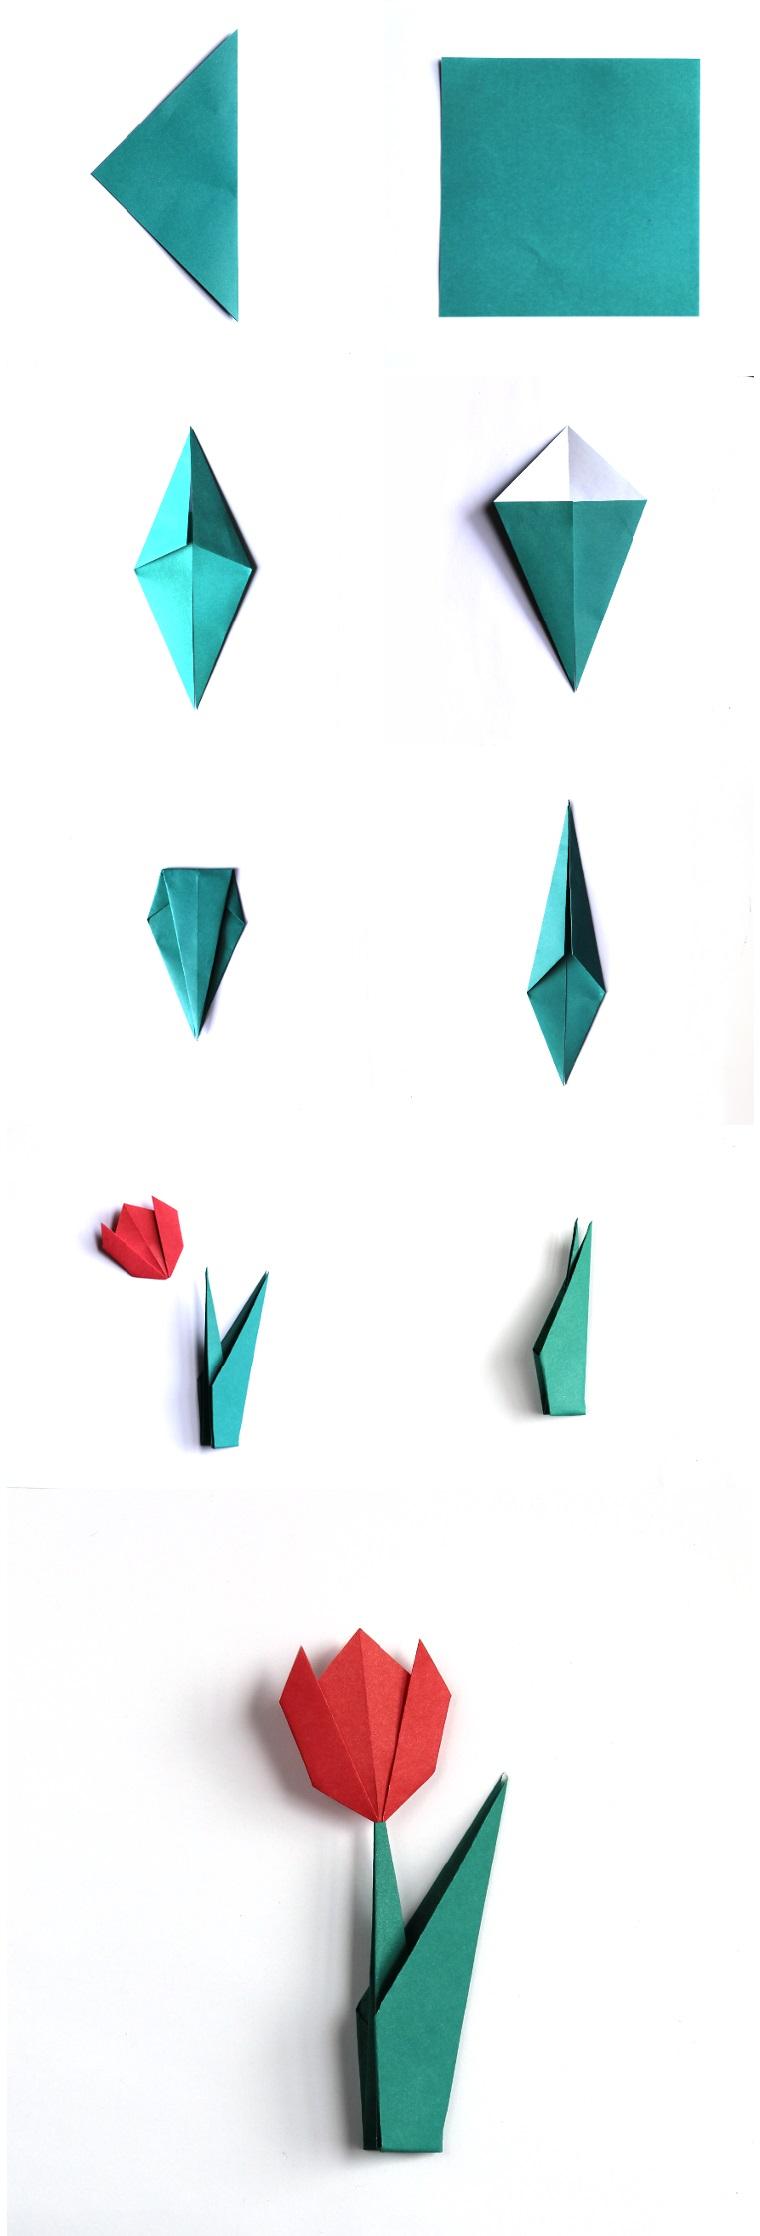 Origami facile, piegare la carta per origami, fiore tulipano di carta colorata